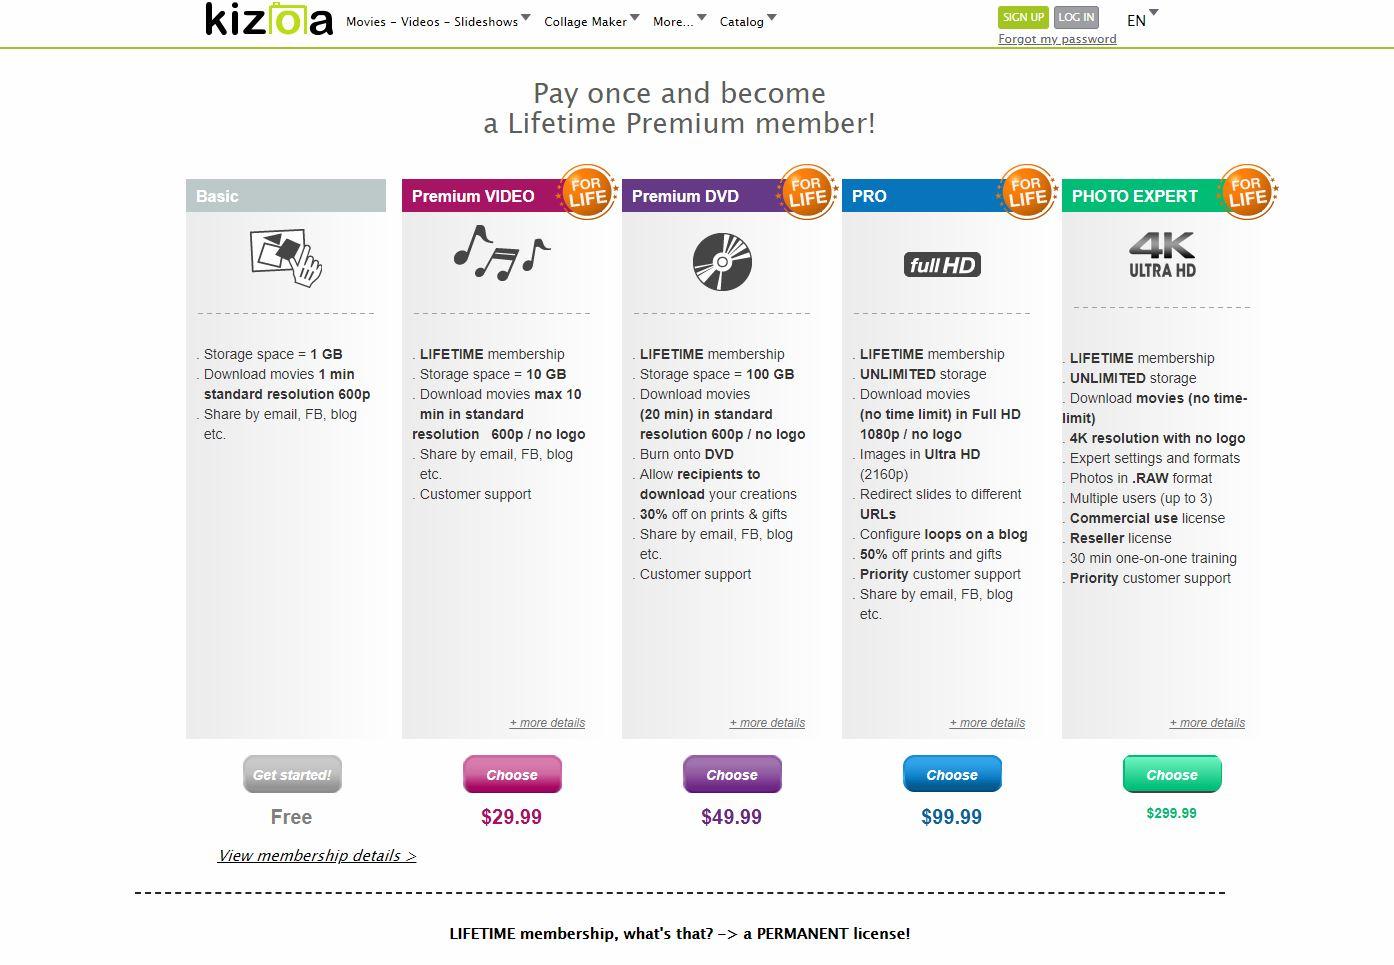 Kizoa Prices image